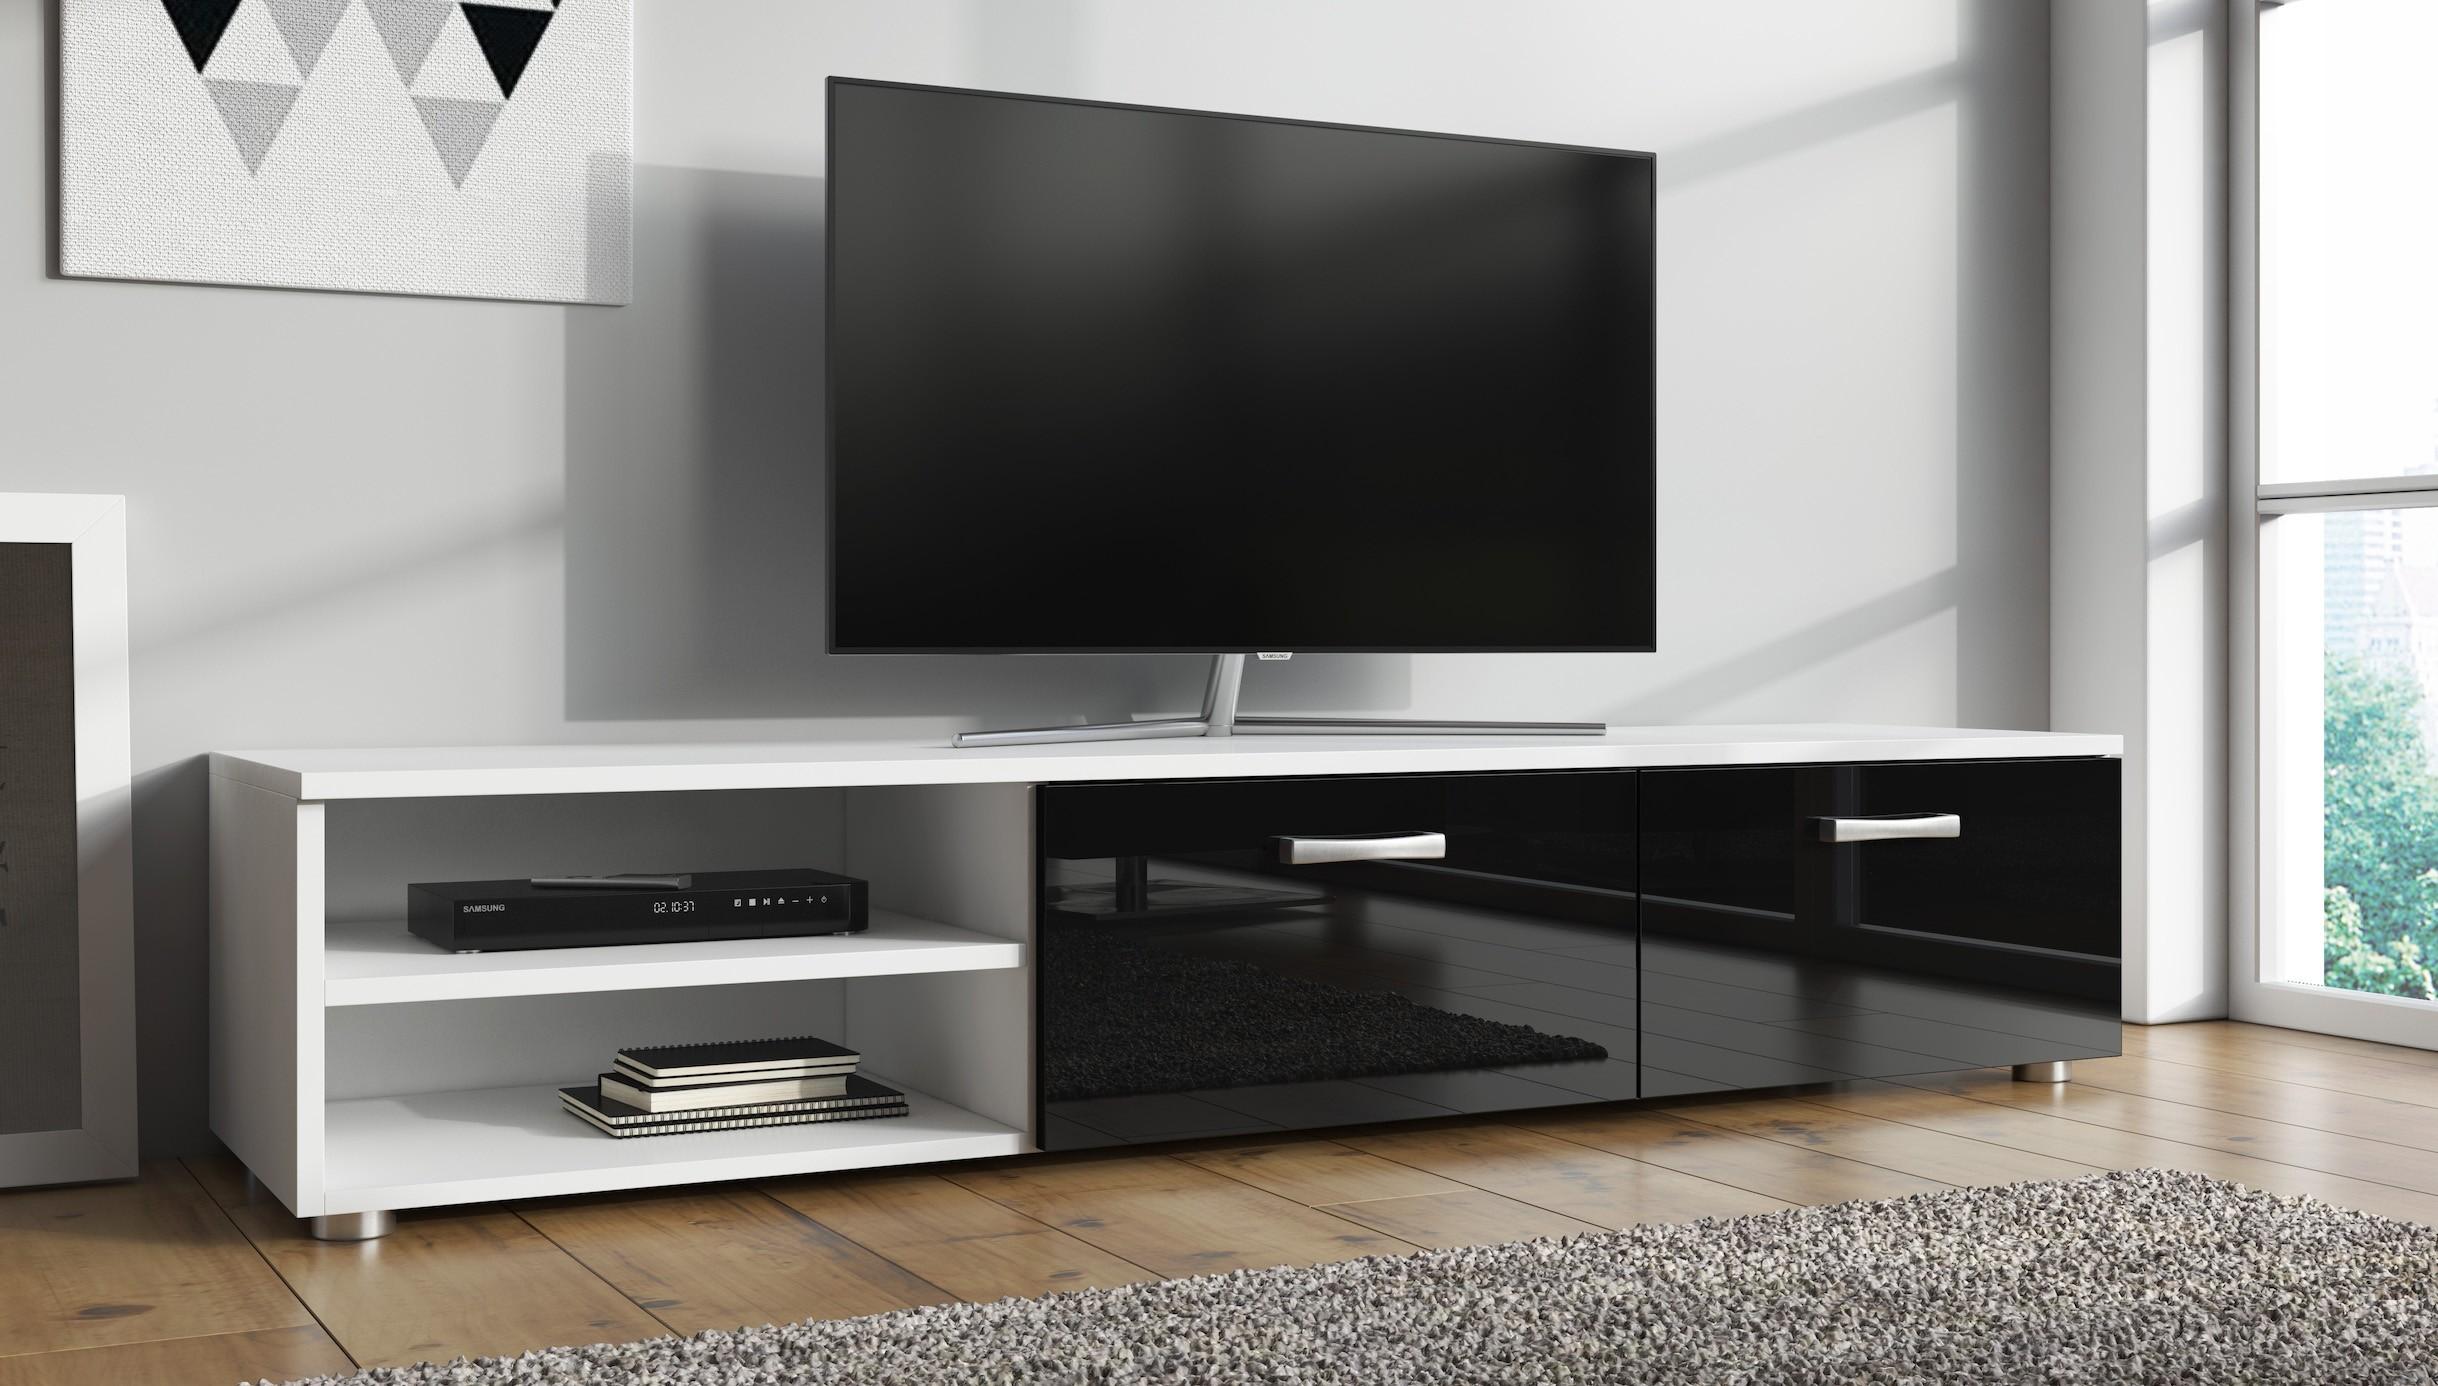 Samsung Tv Met Meubel.Tv Meubel Memphis Zwart Wit 144 Cm Meubella